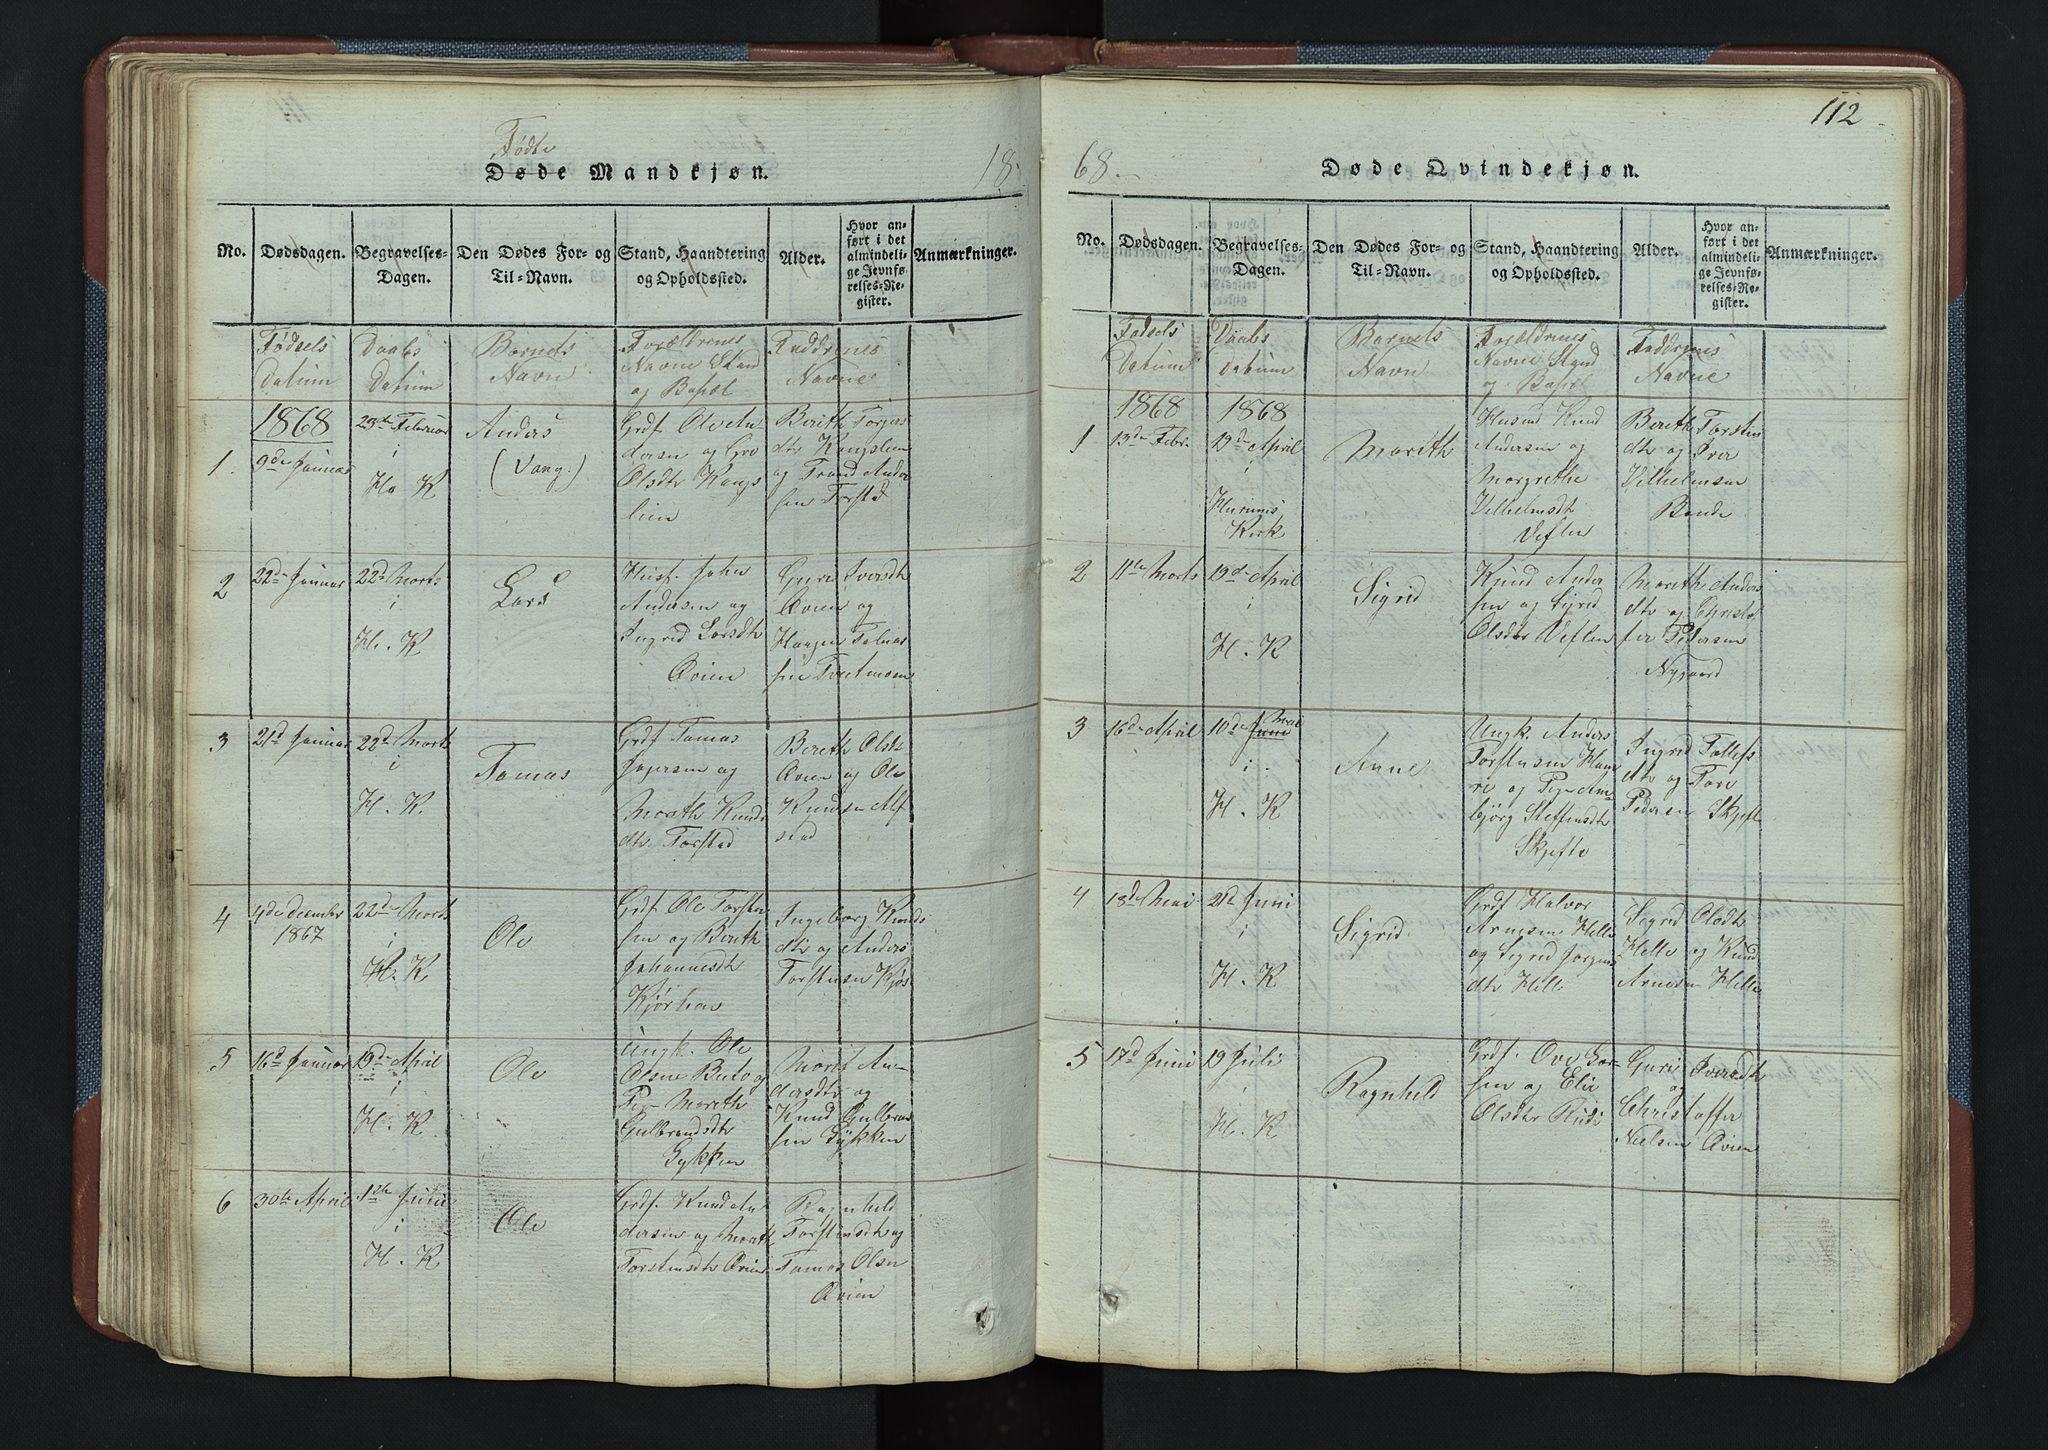 SAH, Vang prestekontor, Valdres, Klokkerbok nr. 3, 1814-1892, s. 112